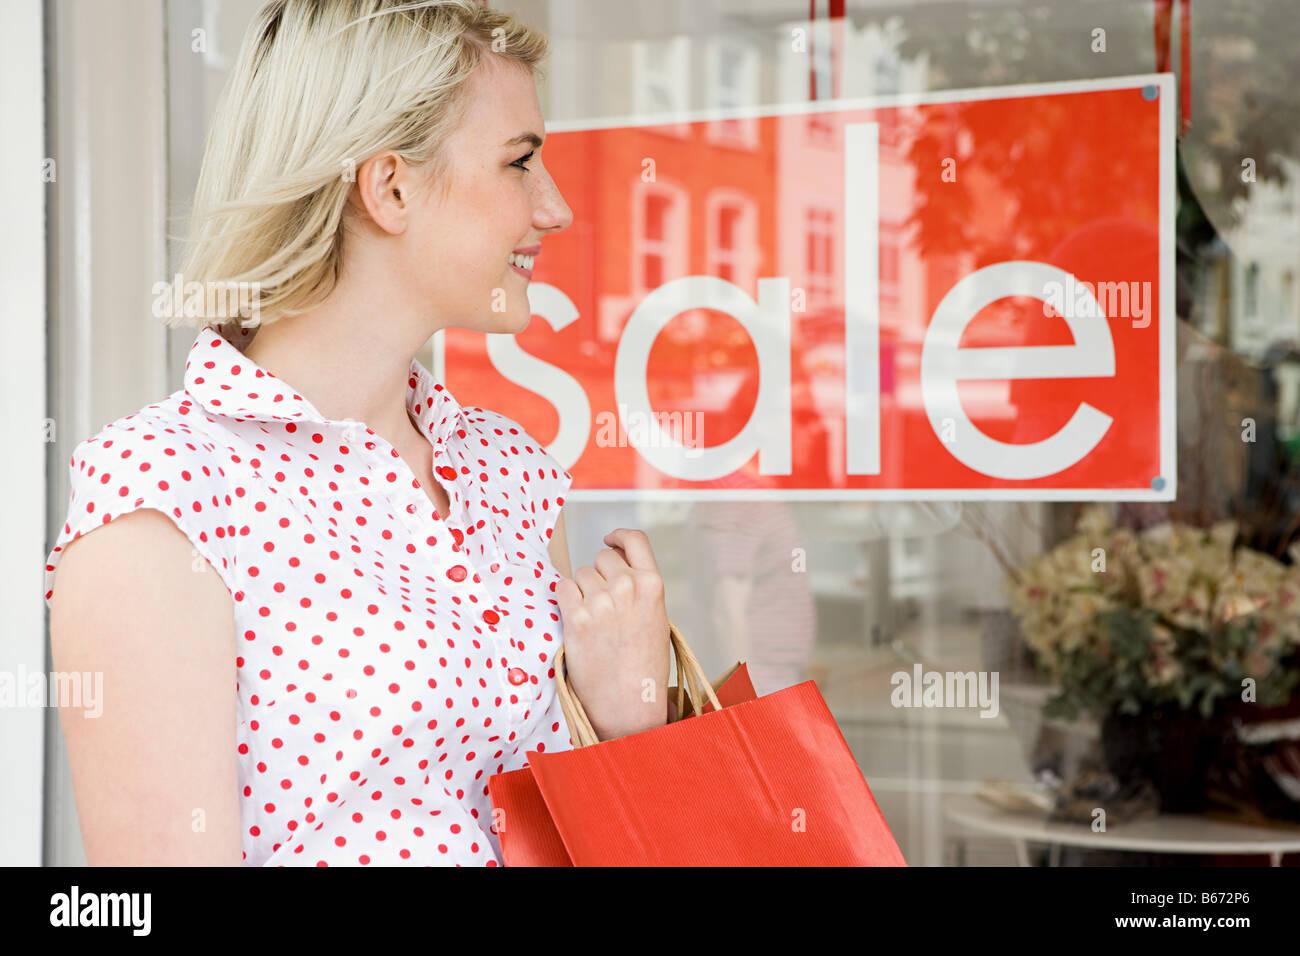 Donna che guarda un negozio vendita Immagini Stock